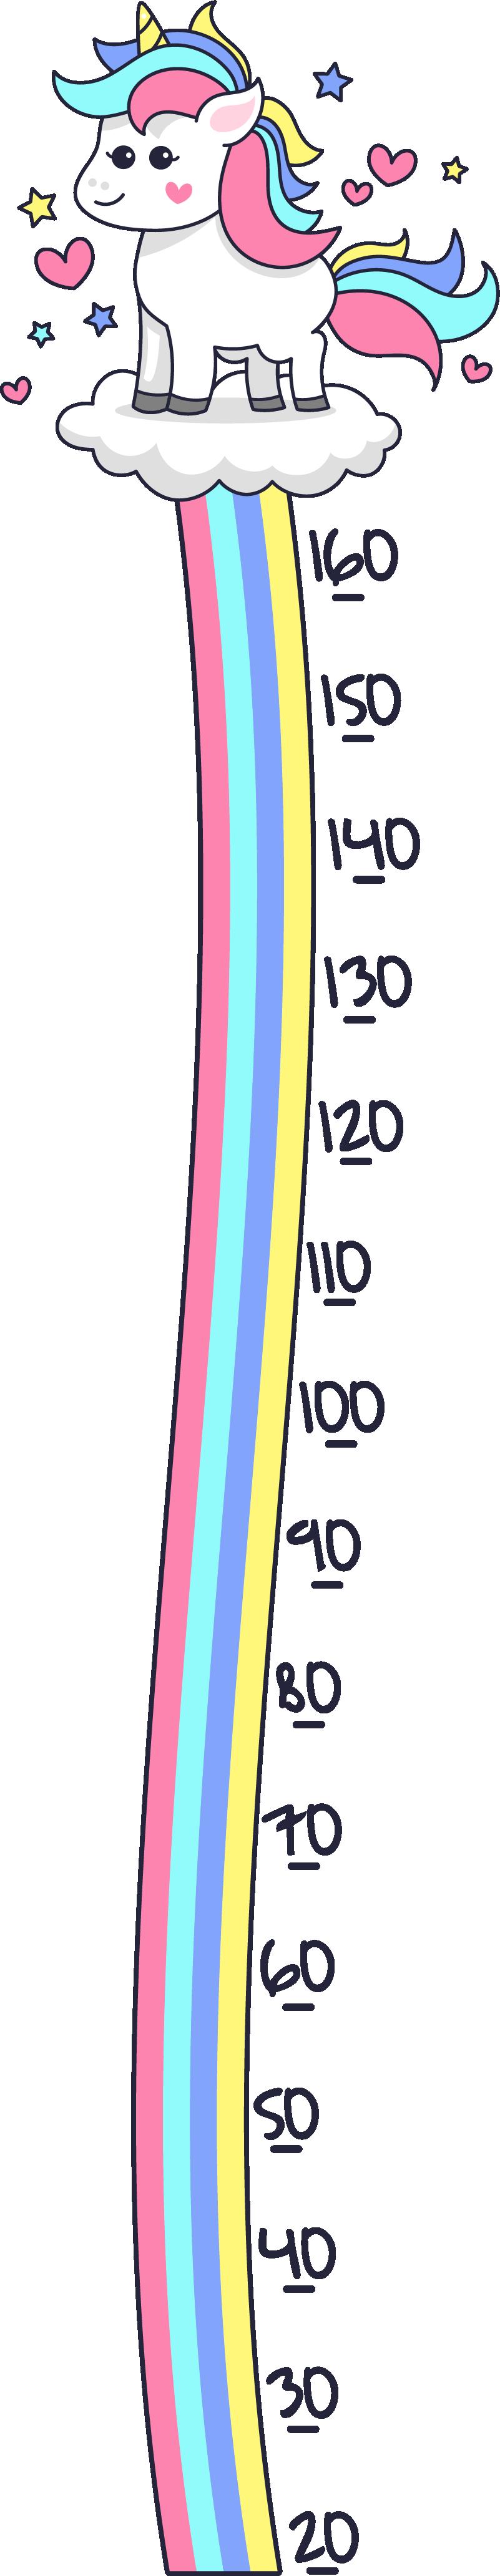 TenVinilo. Vinilo pared medidor unicornio y arcoiris. Medidor adhesivo para habitación infantil formado por el diseño de un arcoiris, el cual acaba en la ilustración de un unicornio. Precios imbatibles.